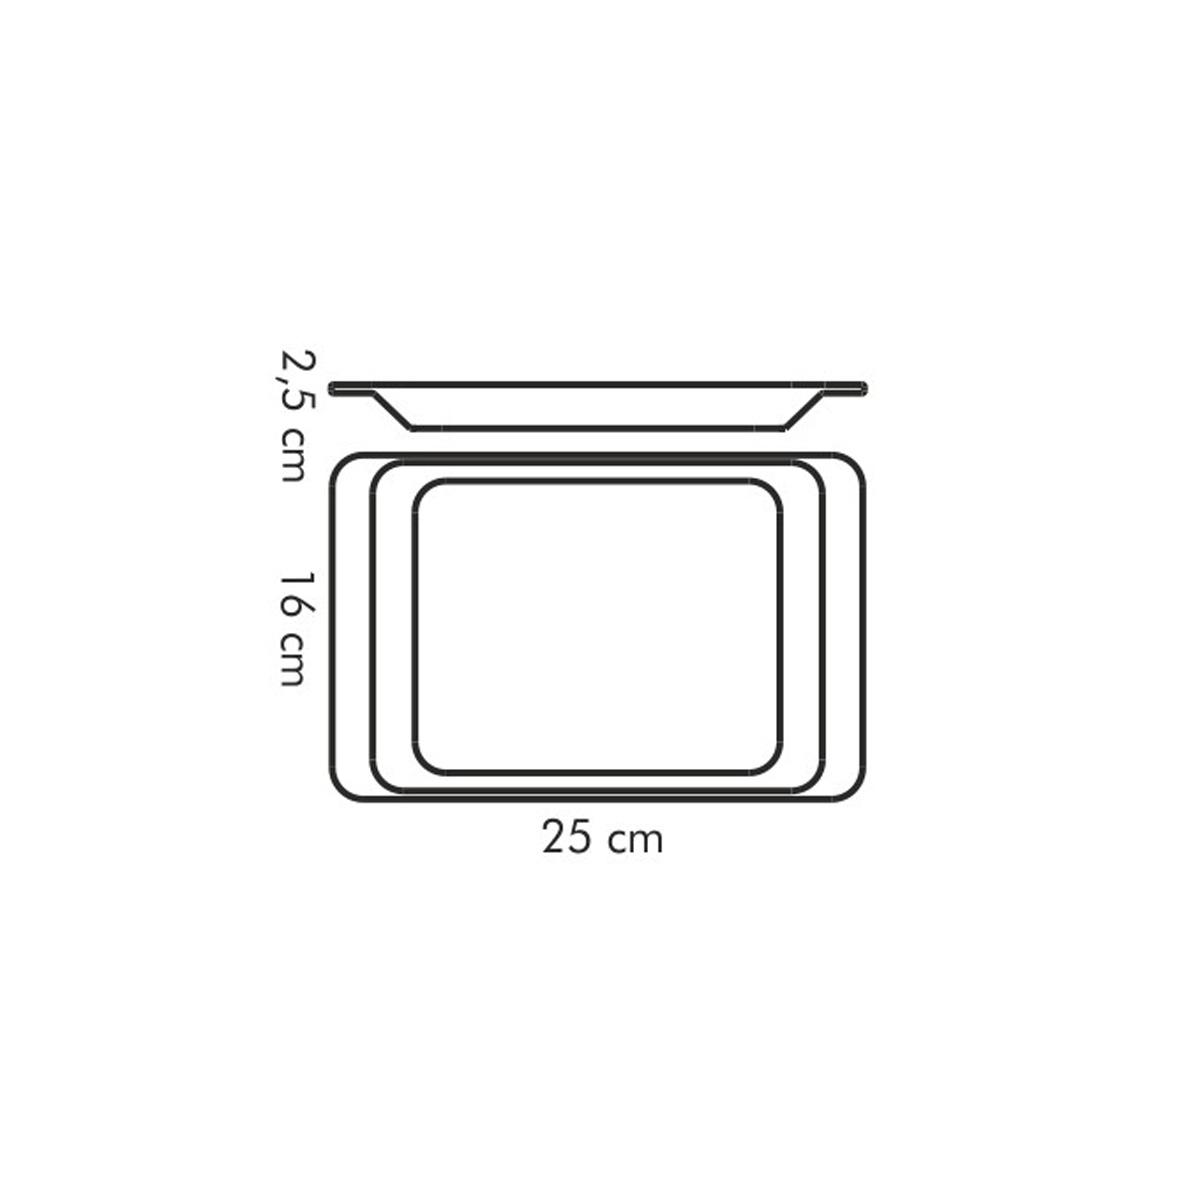 Podnos servírovací GUSTITO 25x16 cm